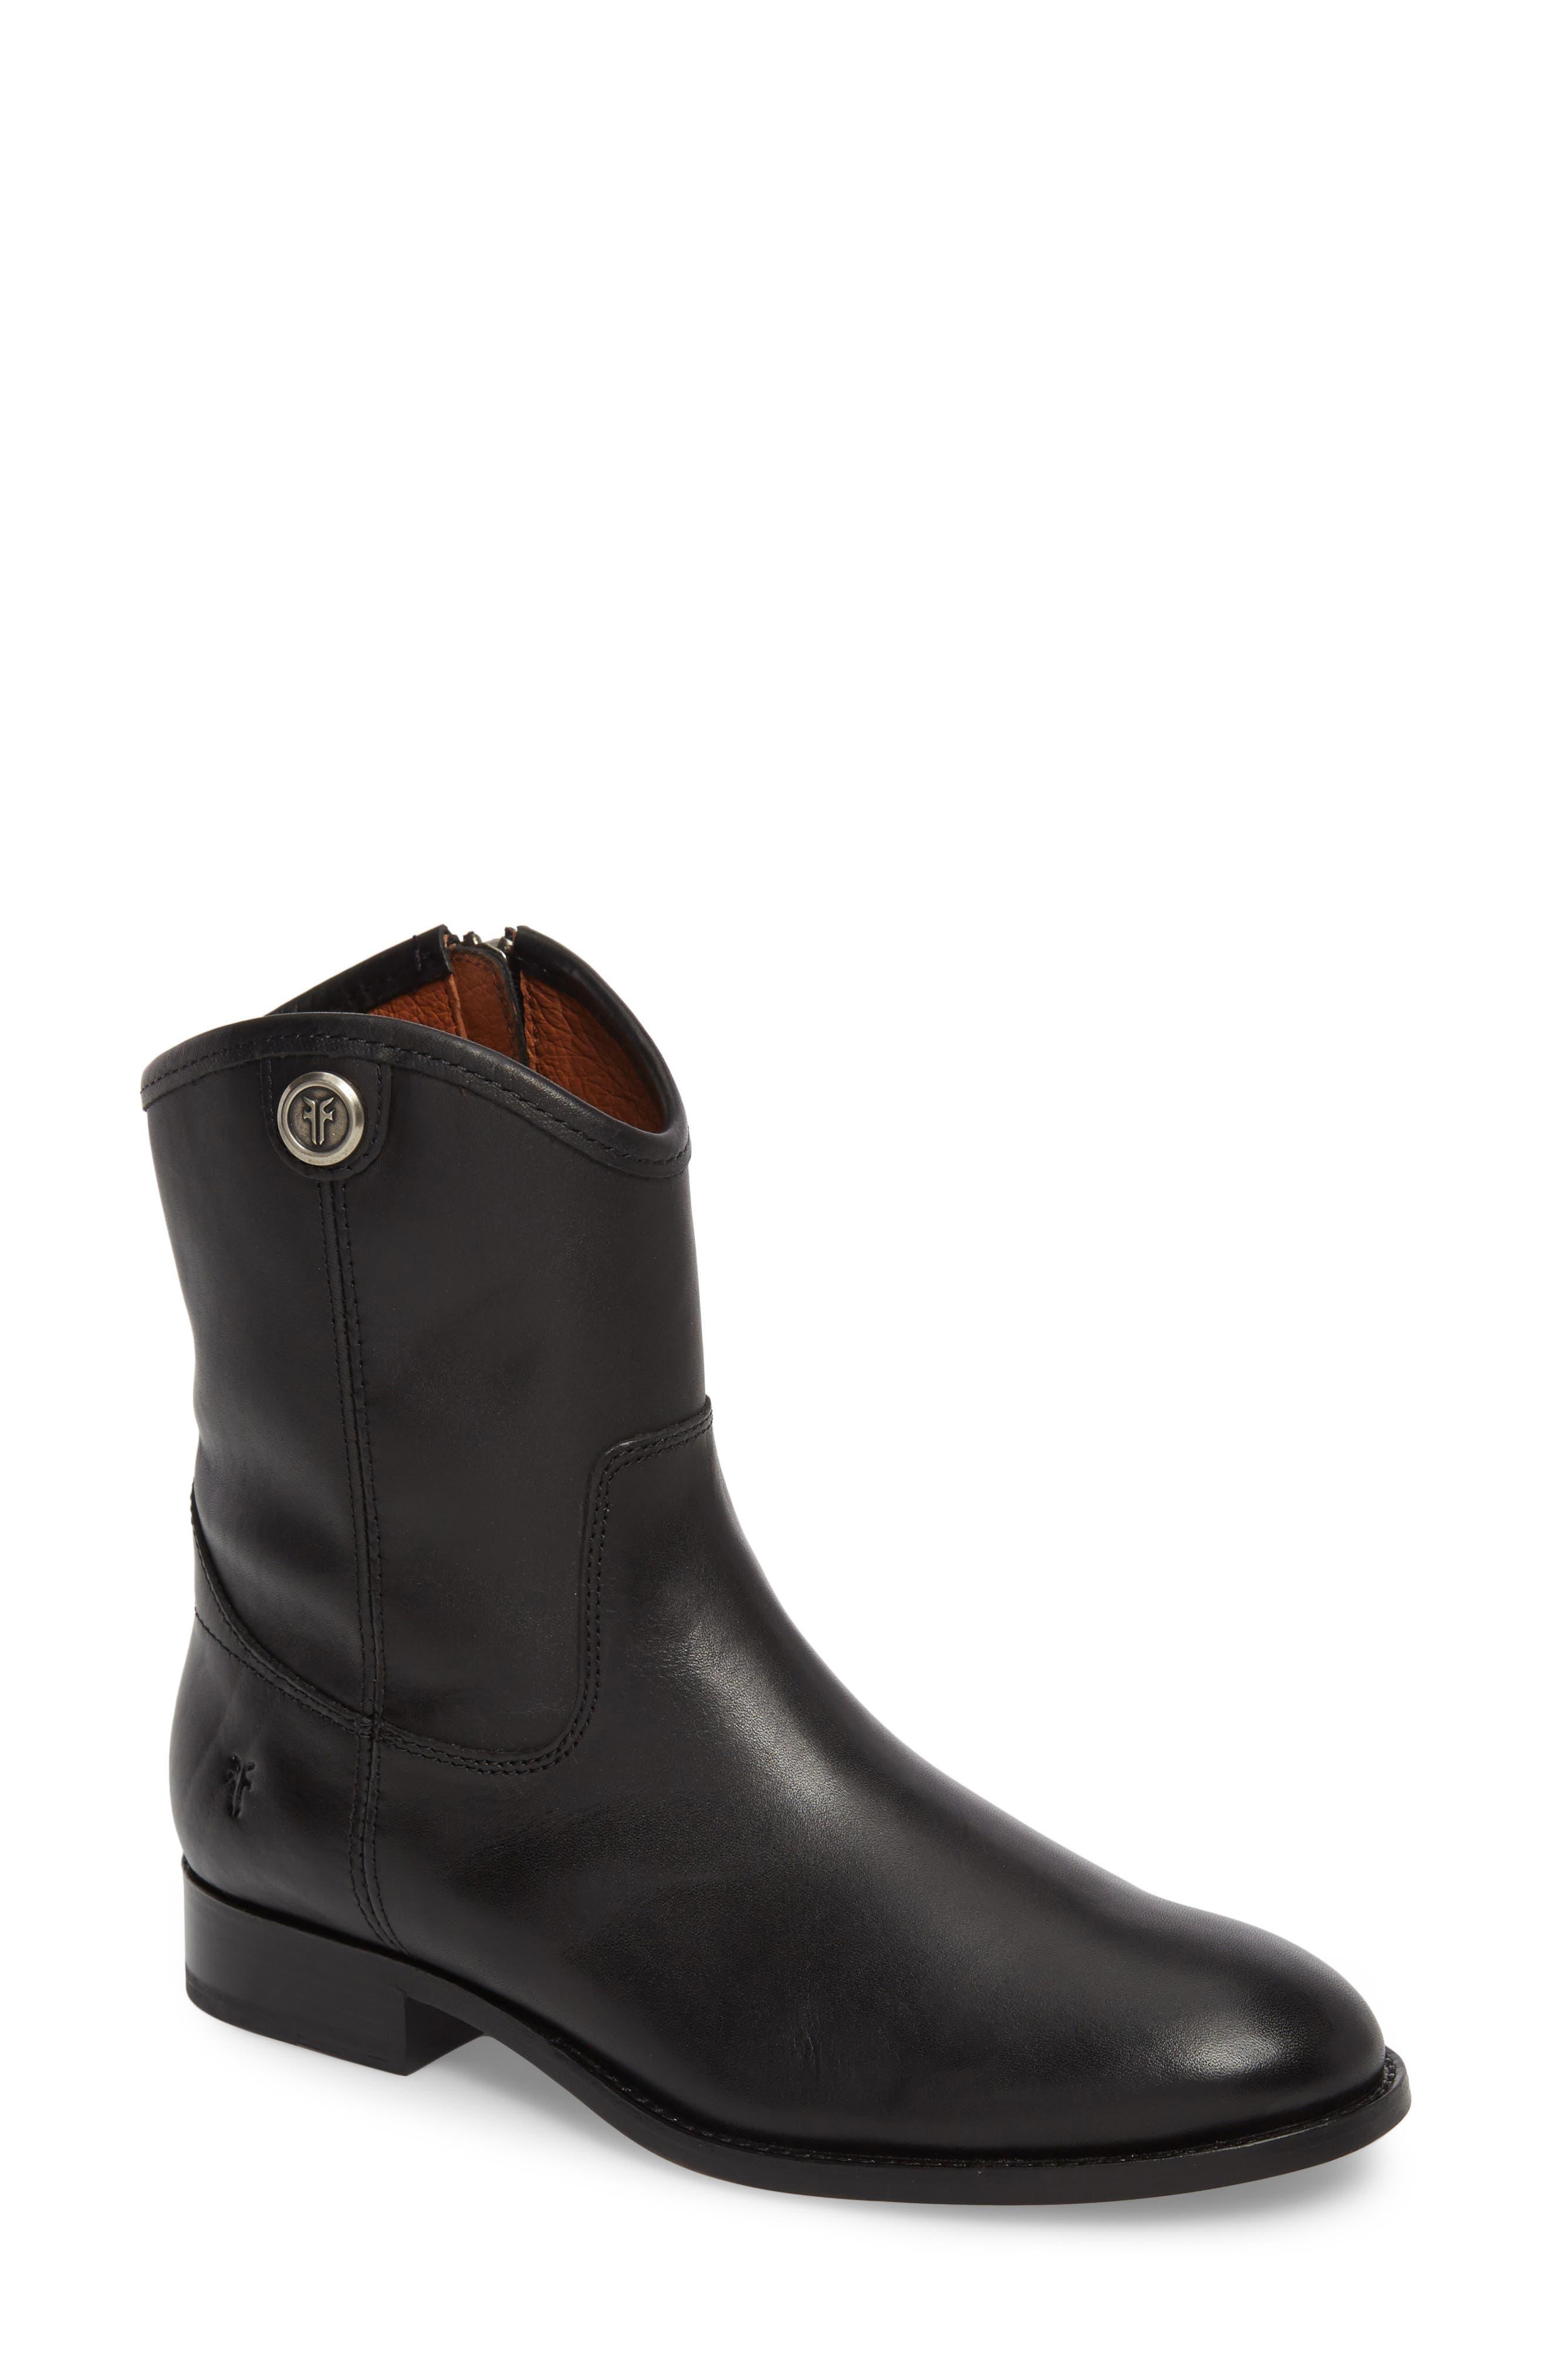 Alternate Image 1 Selected - Frye Melissa Short 2 Boot (Women)